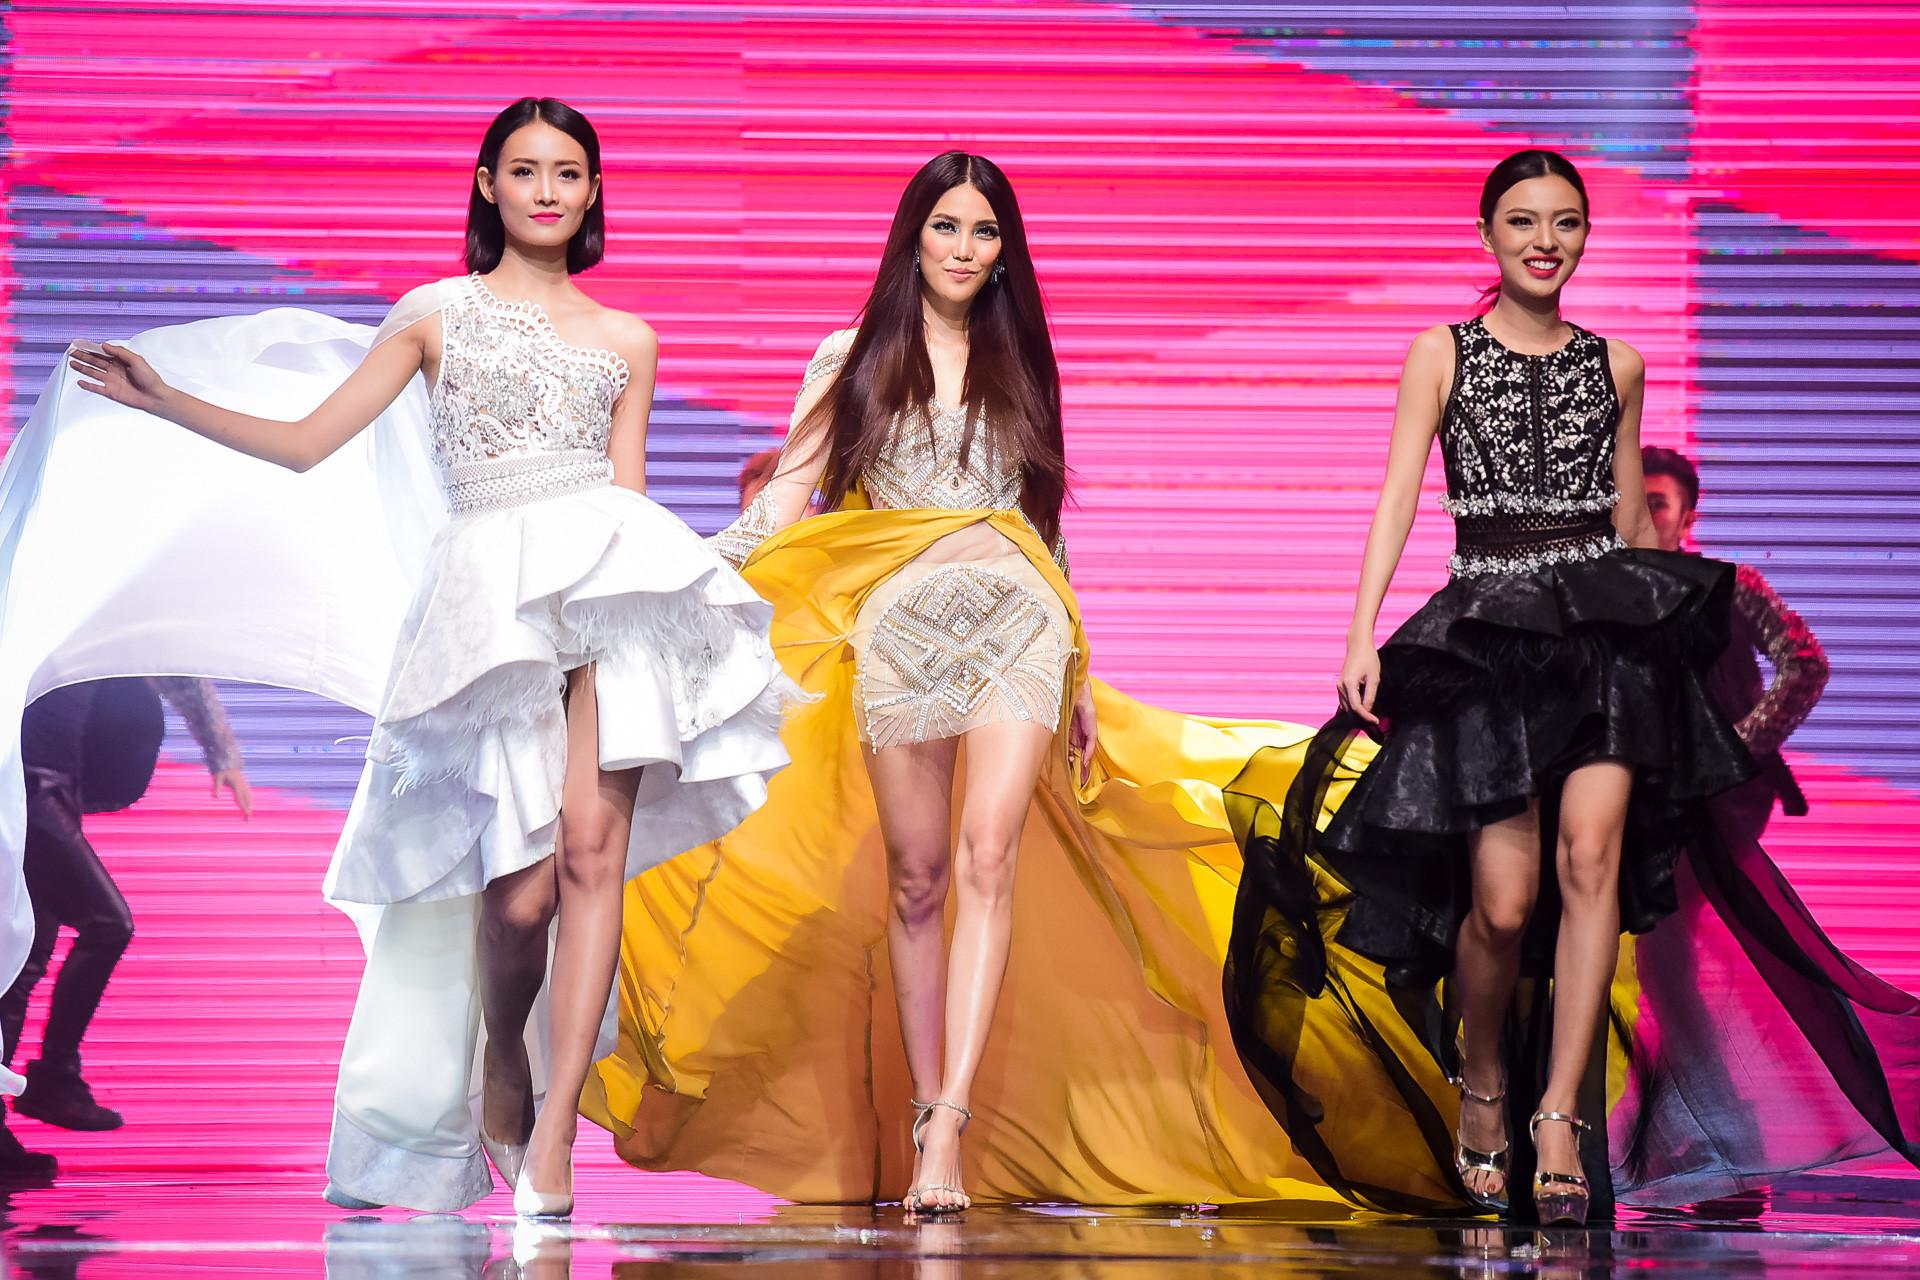 Dàn thí sinh The Face vào nhóm sao xấu vì váy áo rườm rà